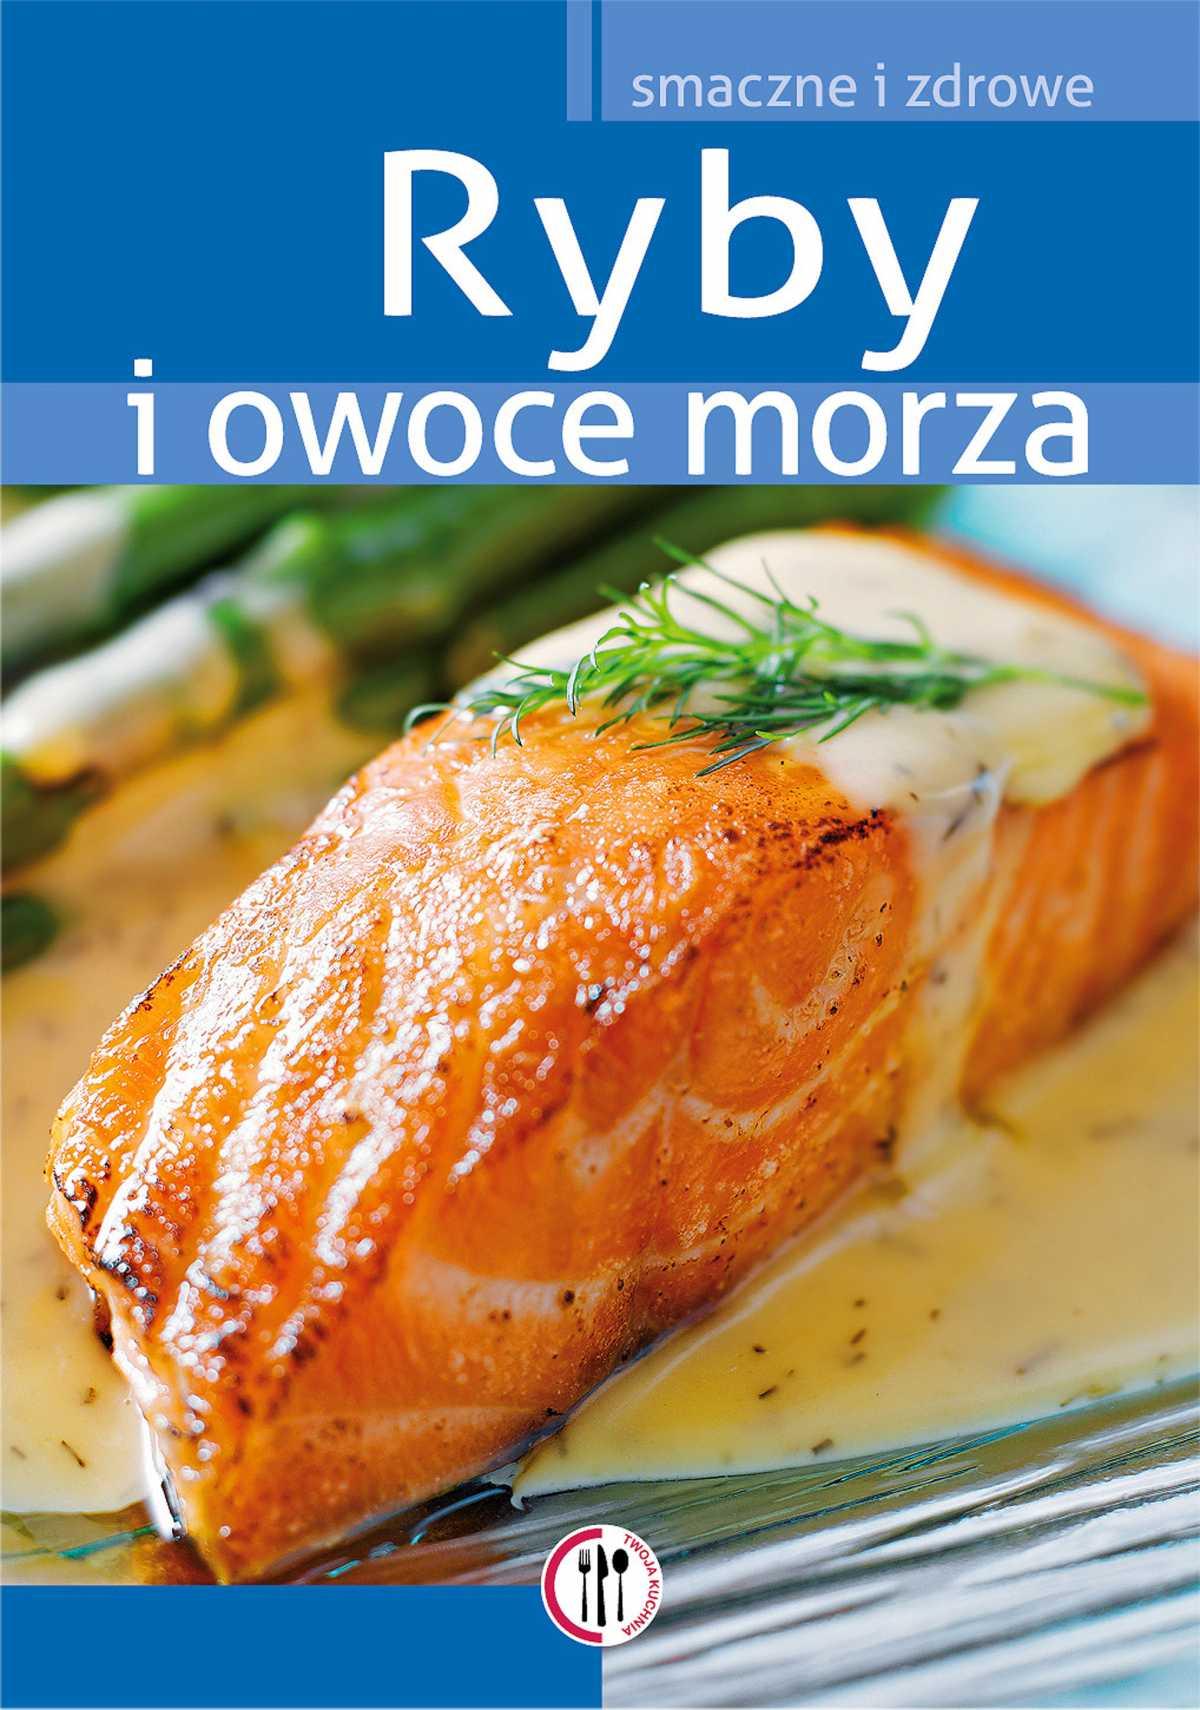 Ryby i owoce morza - Ebook (Książka PDF) do pobrania w formacie PDF